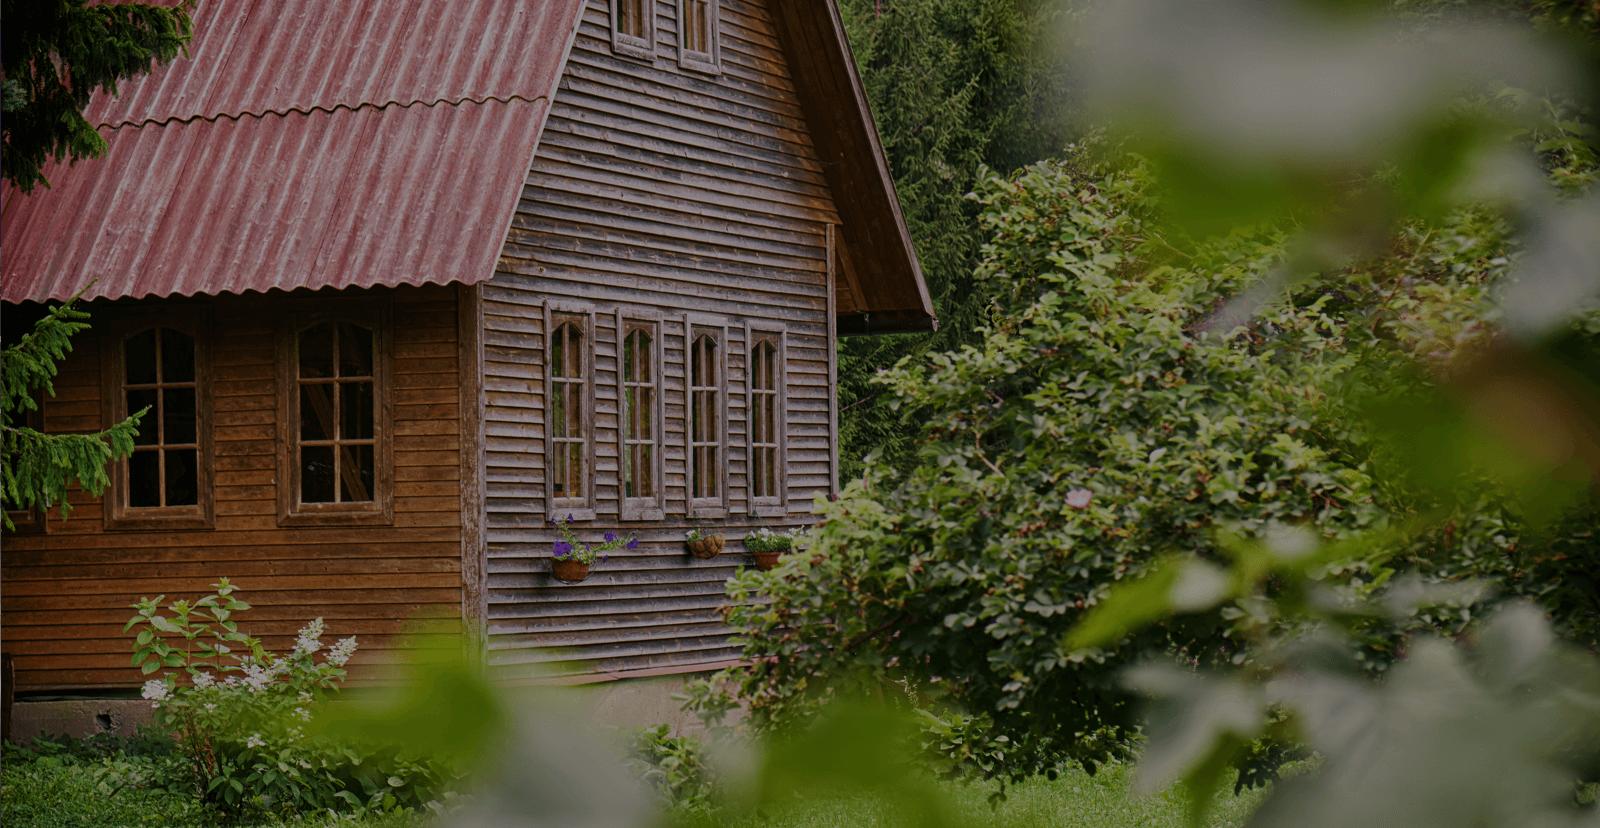 Через сервис JСat.ru вы можете размещать объявления о сдаче загородной недвижимости на всех сайтах сразу!